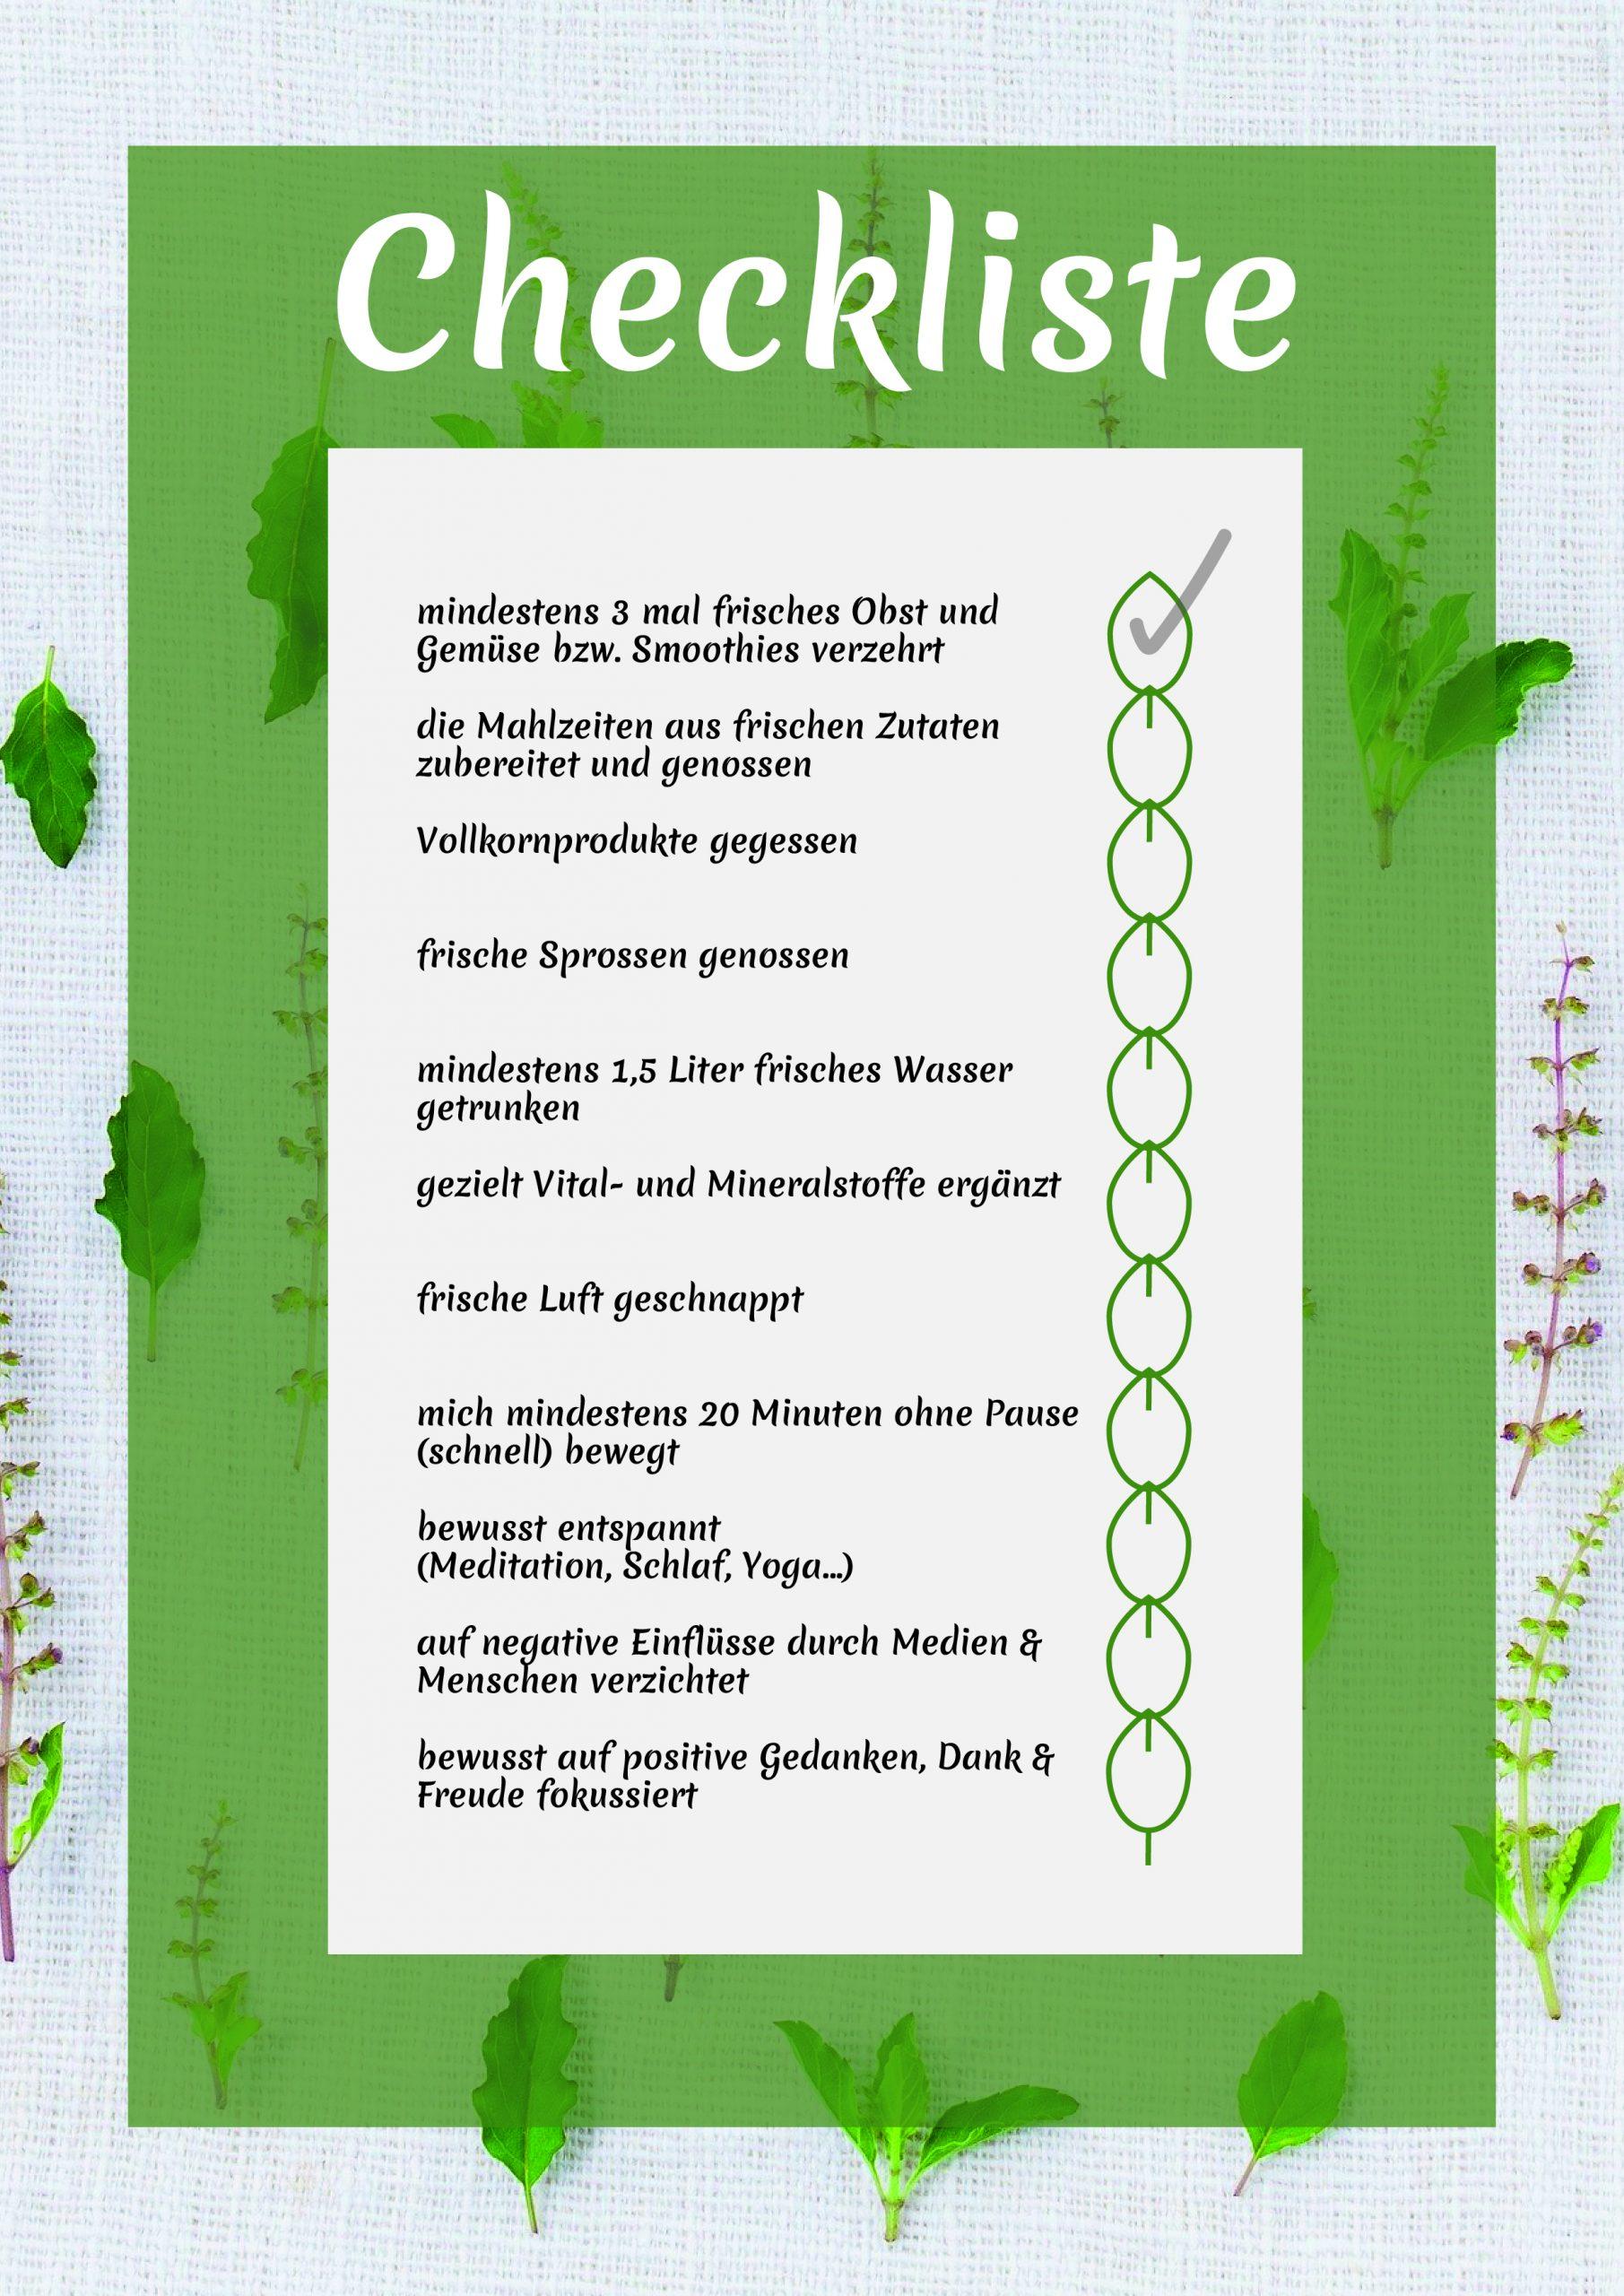 checkliste_staerkung-immunsystem